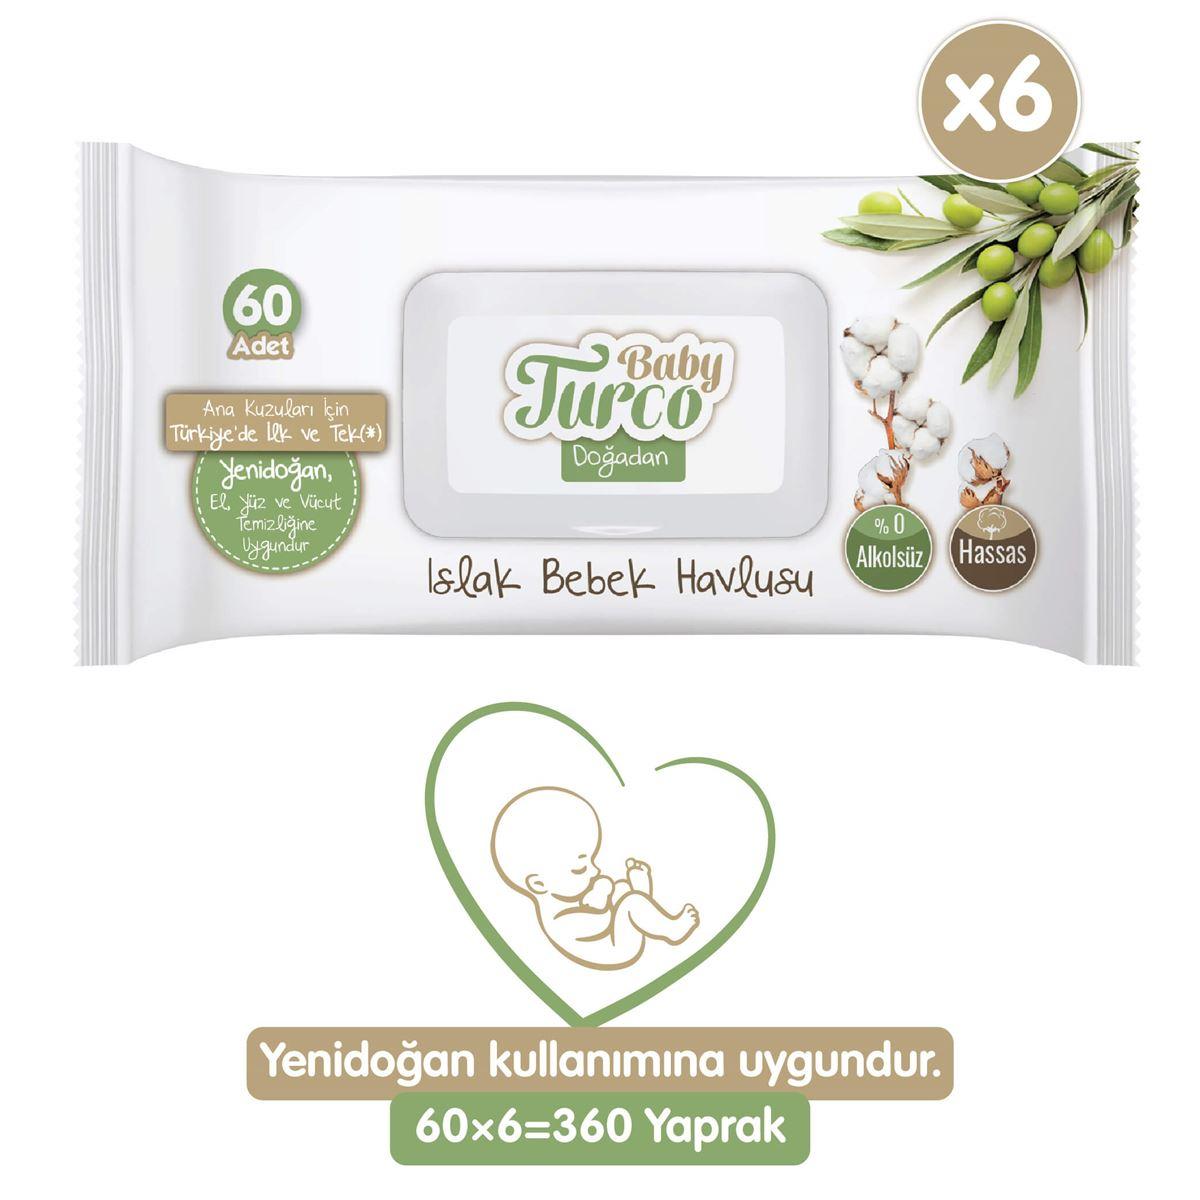 Baby Turco Doğadan Yenidoğan Islak Bebek Havlusu 6X60 Yaprak